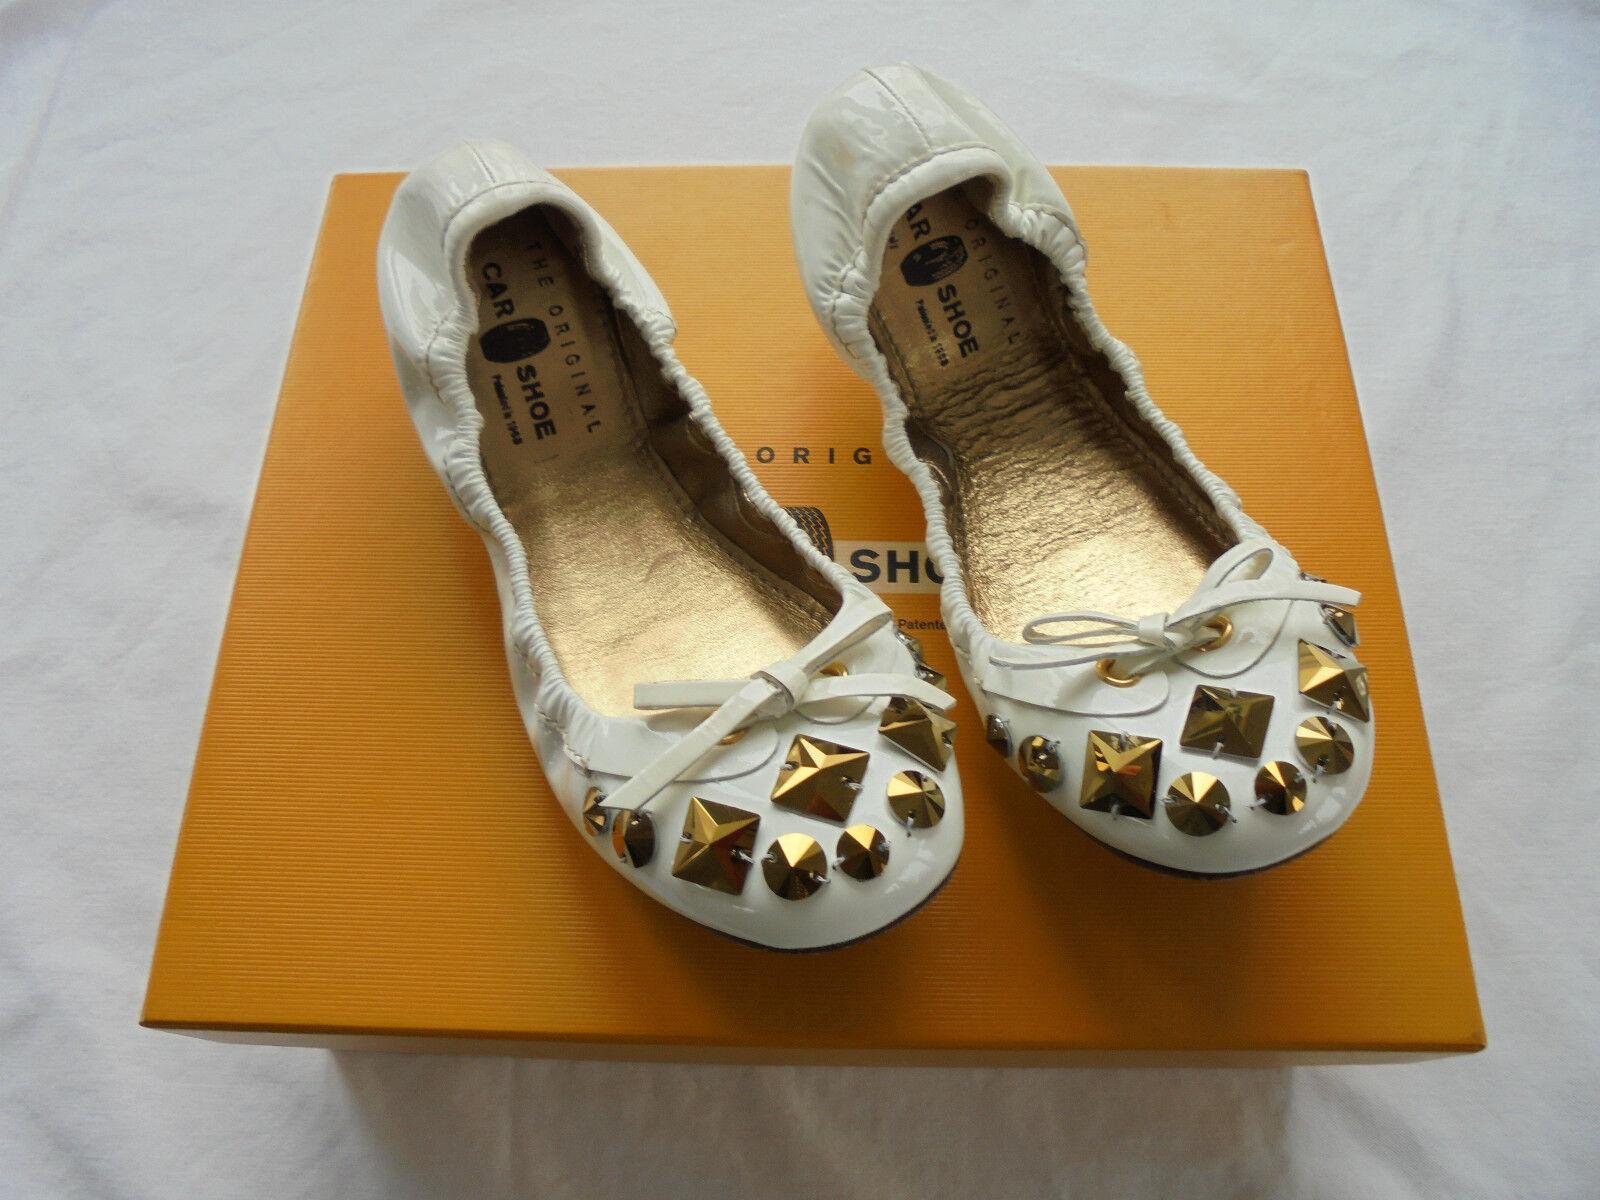 Car Schuhe by PRADA Lackleder Ballerinas NP  w NEU Pumps Schuhe Gr. 36 36,5 37